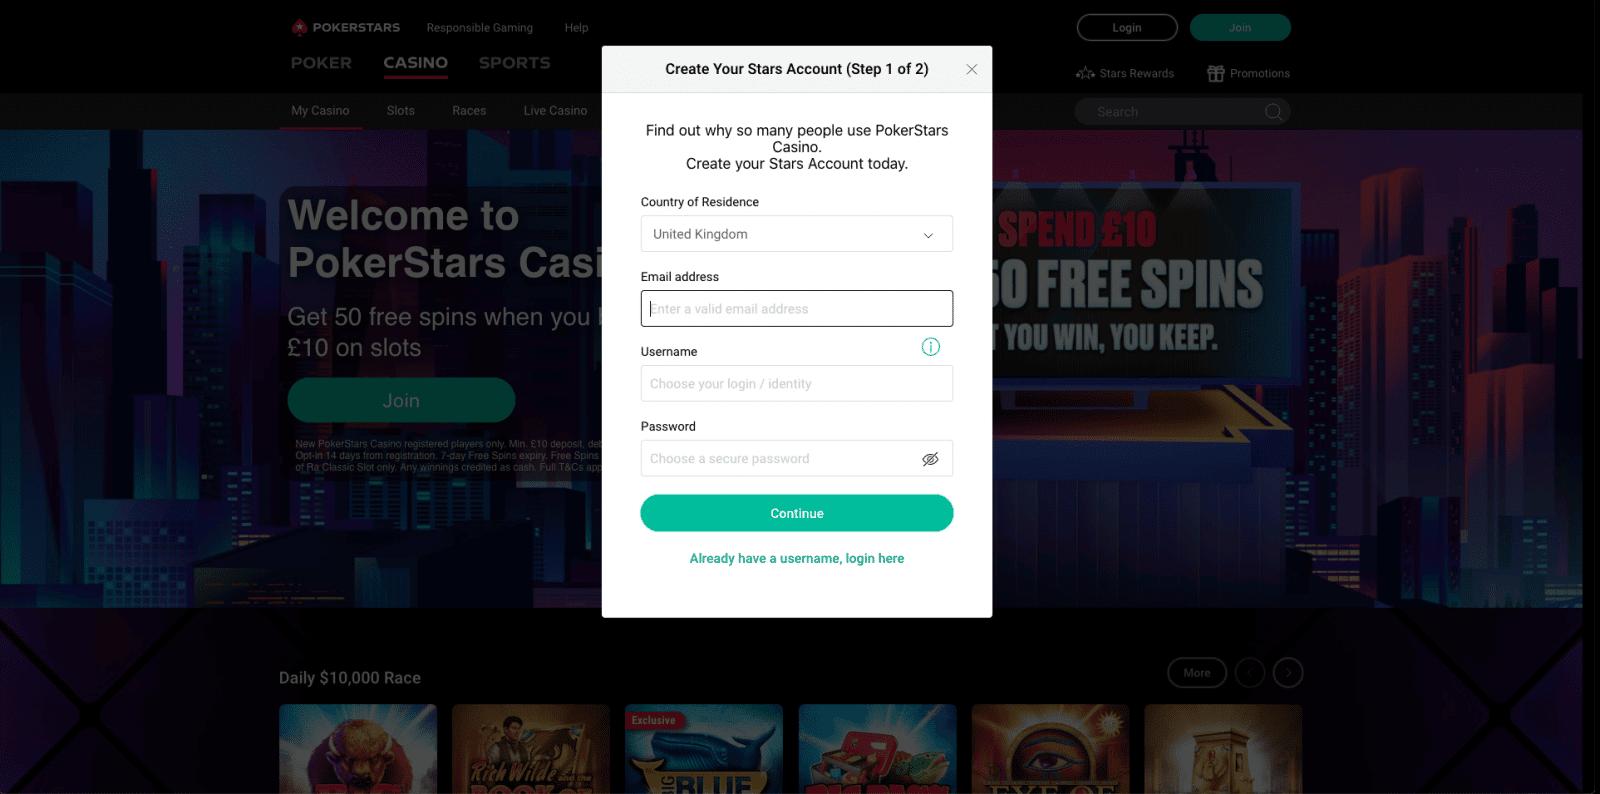 PokerStars Casino Sign Up 2